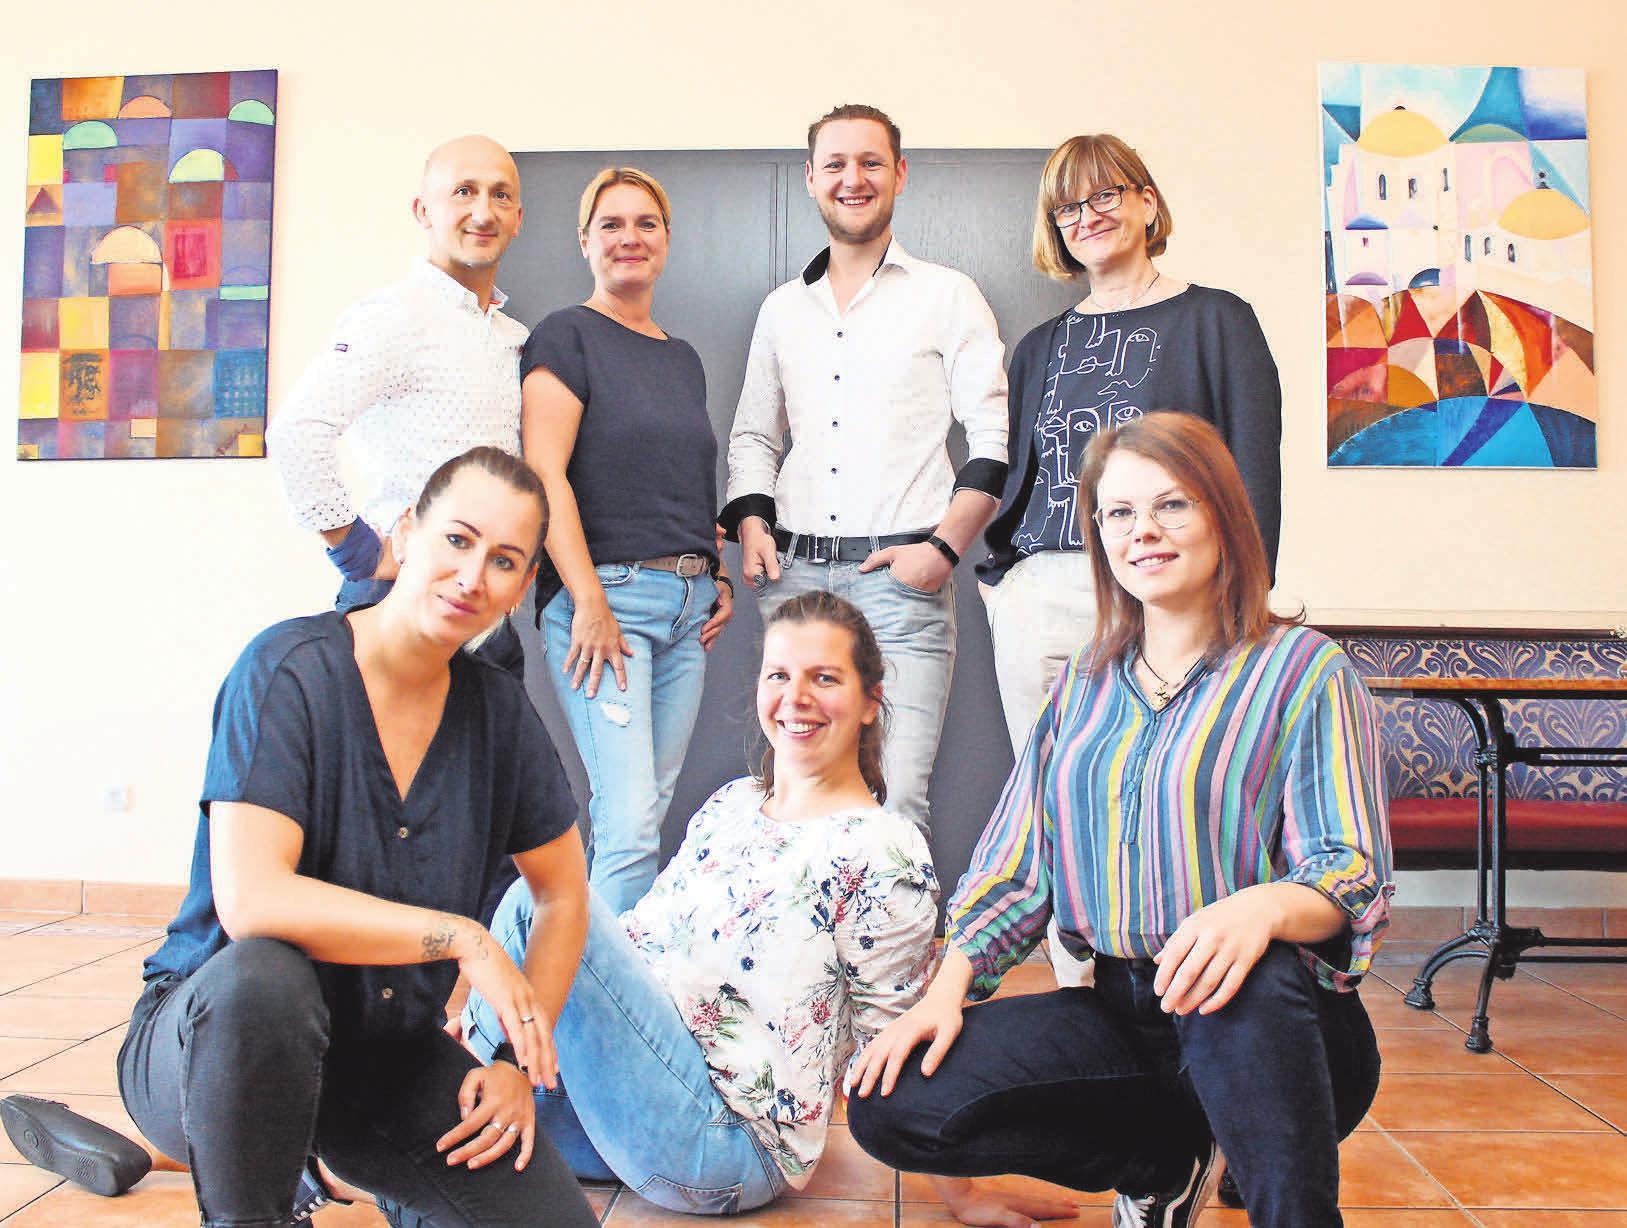 Das Tanzlehrer-Team Wöbbekind trainiert Ihren Kopf, Geist und Körper in Barsinghausen und Bad Nenndorf. Foto: Tobias Welz